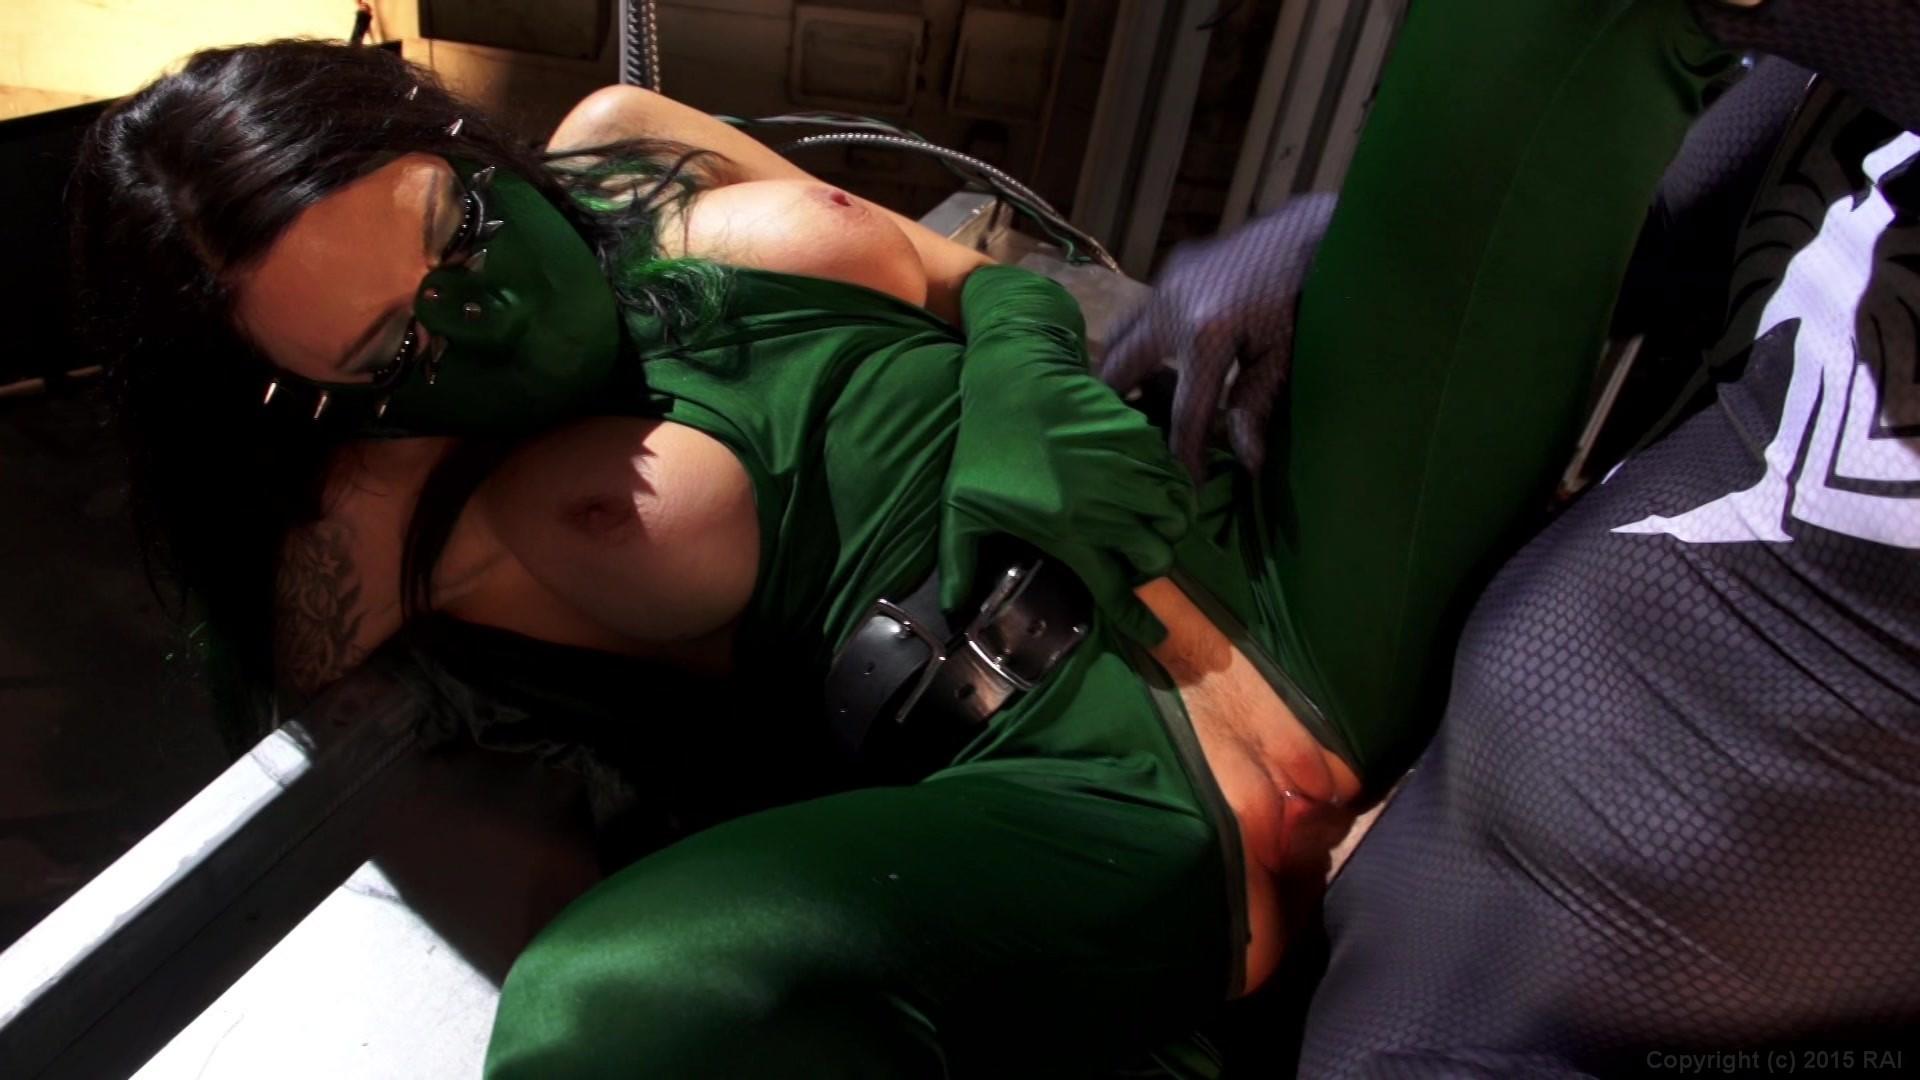 Seems avengers porn parody xxx